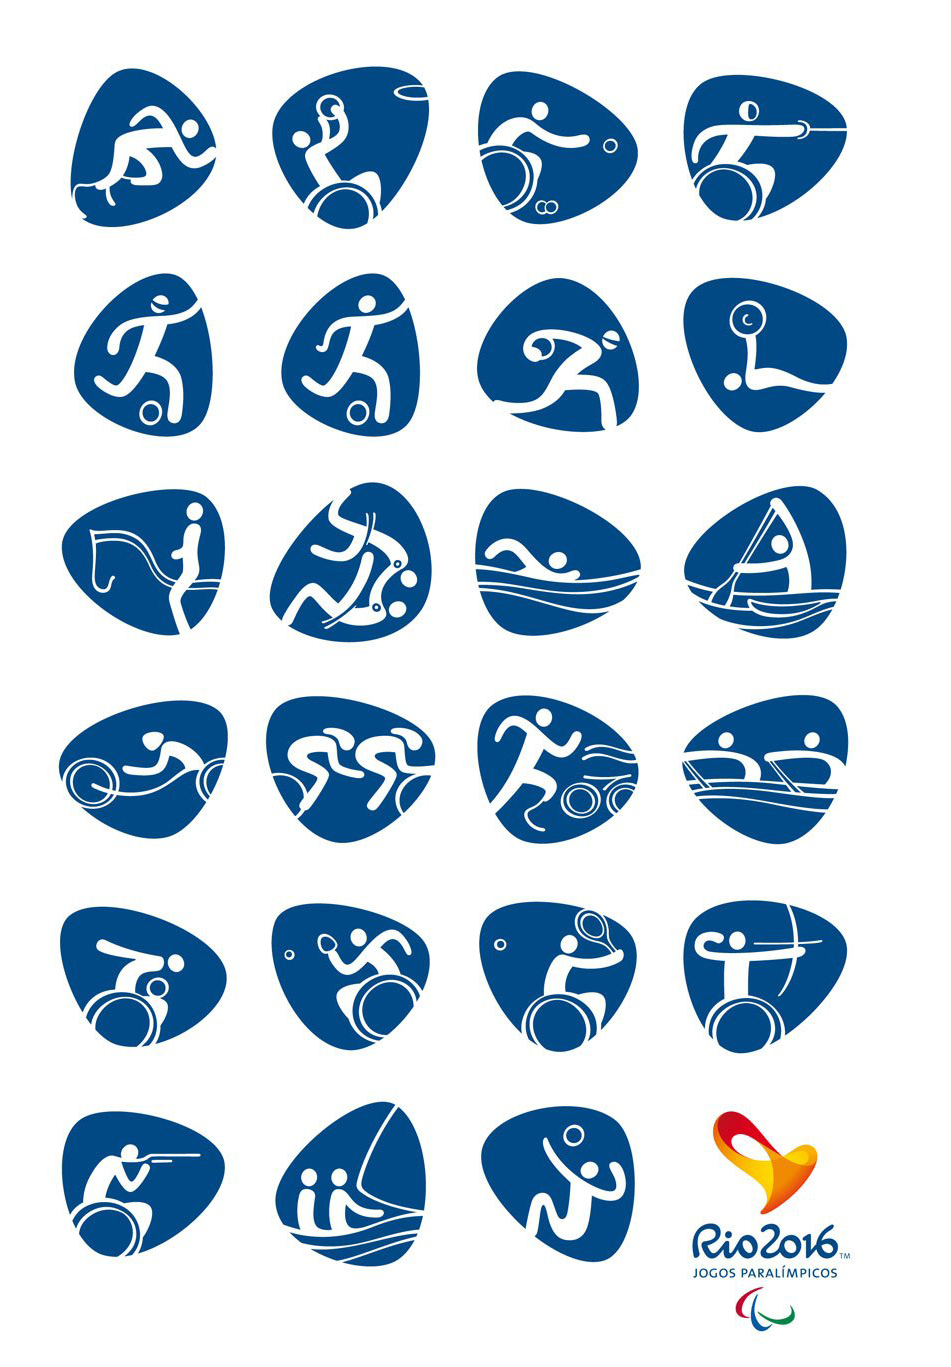 rio paralympics5